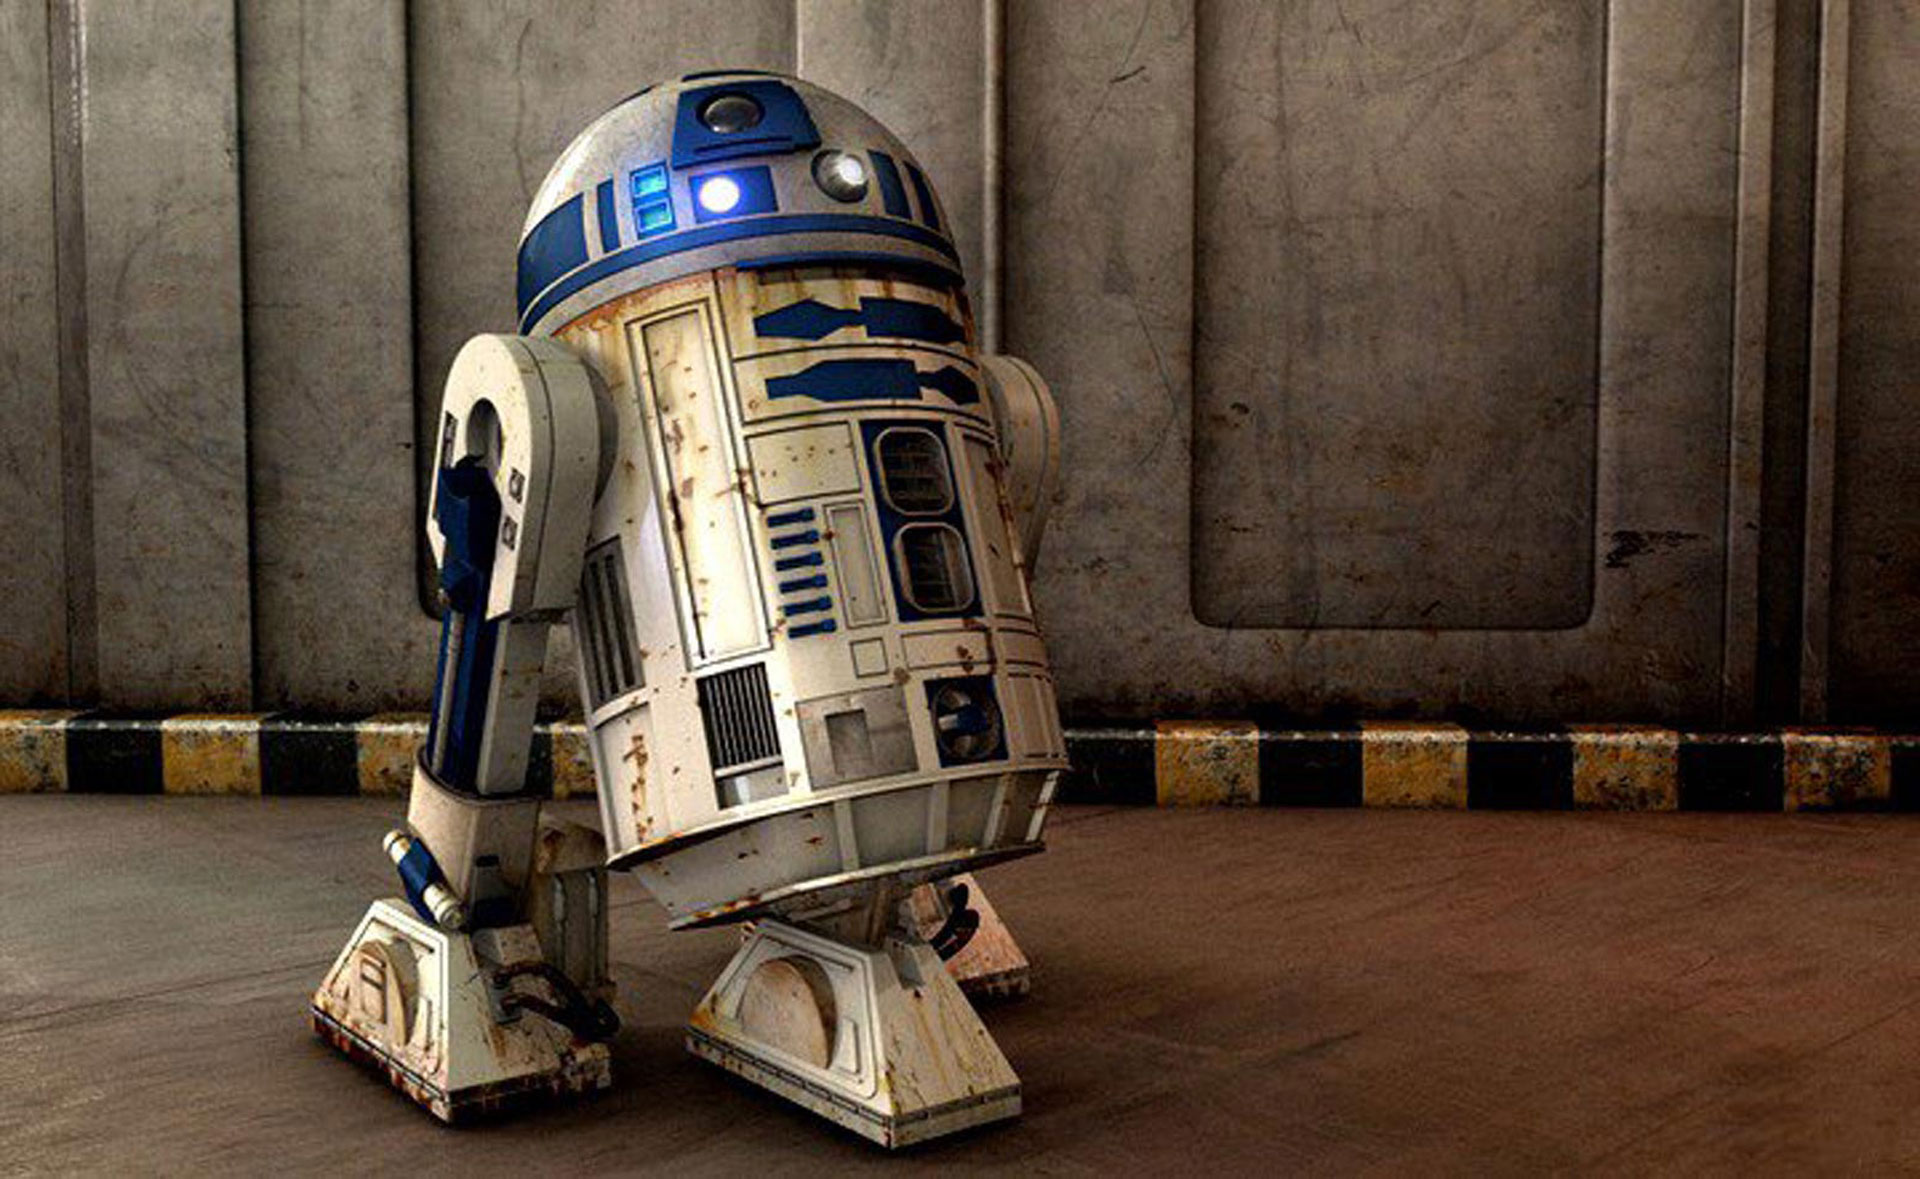 R2D2_Starwars_robot